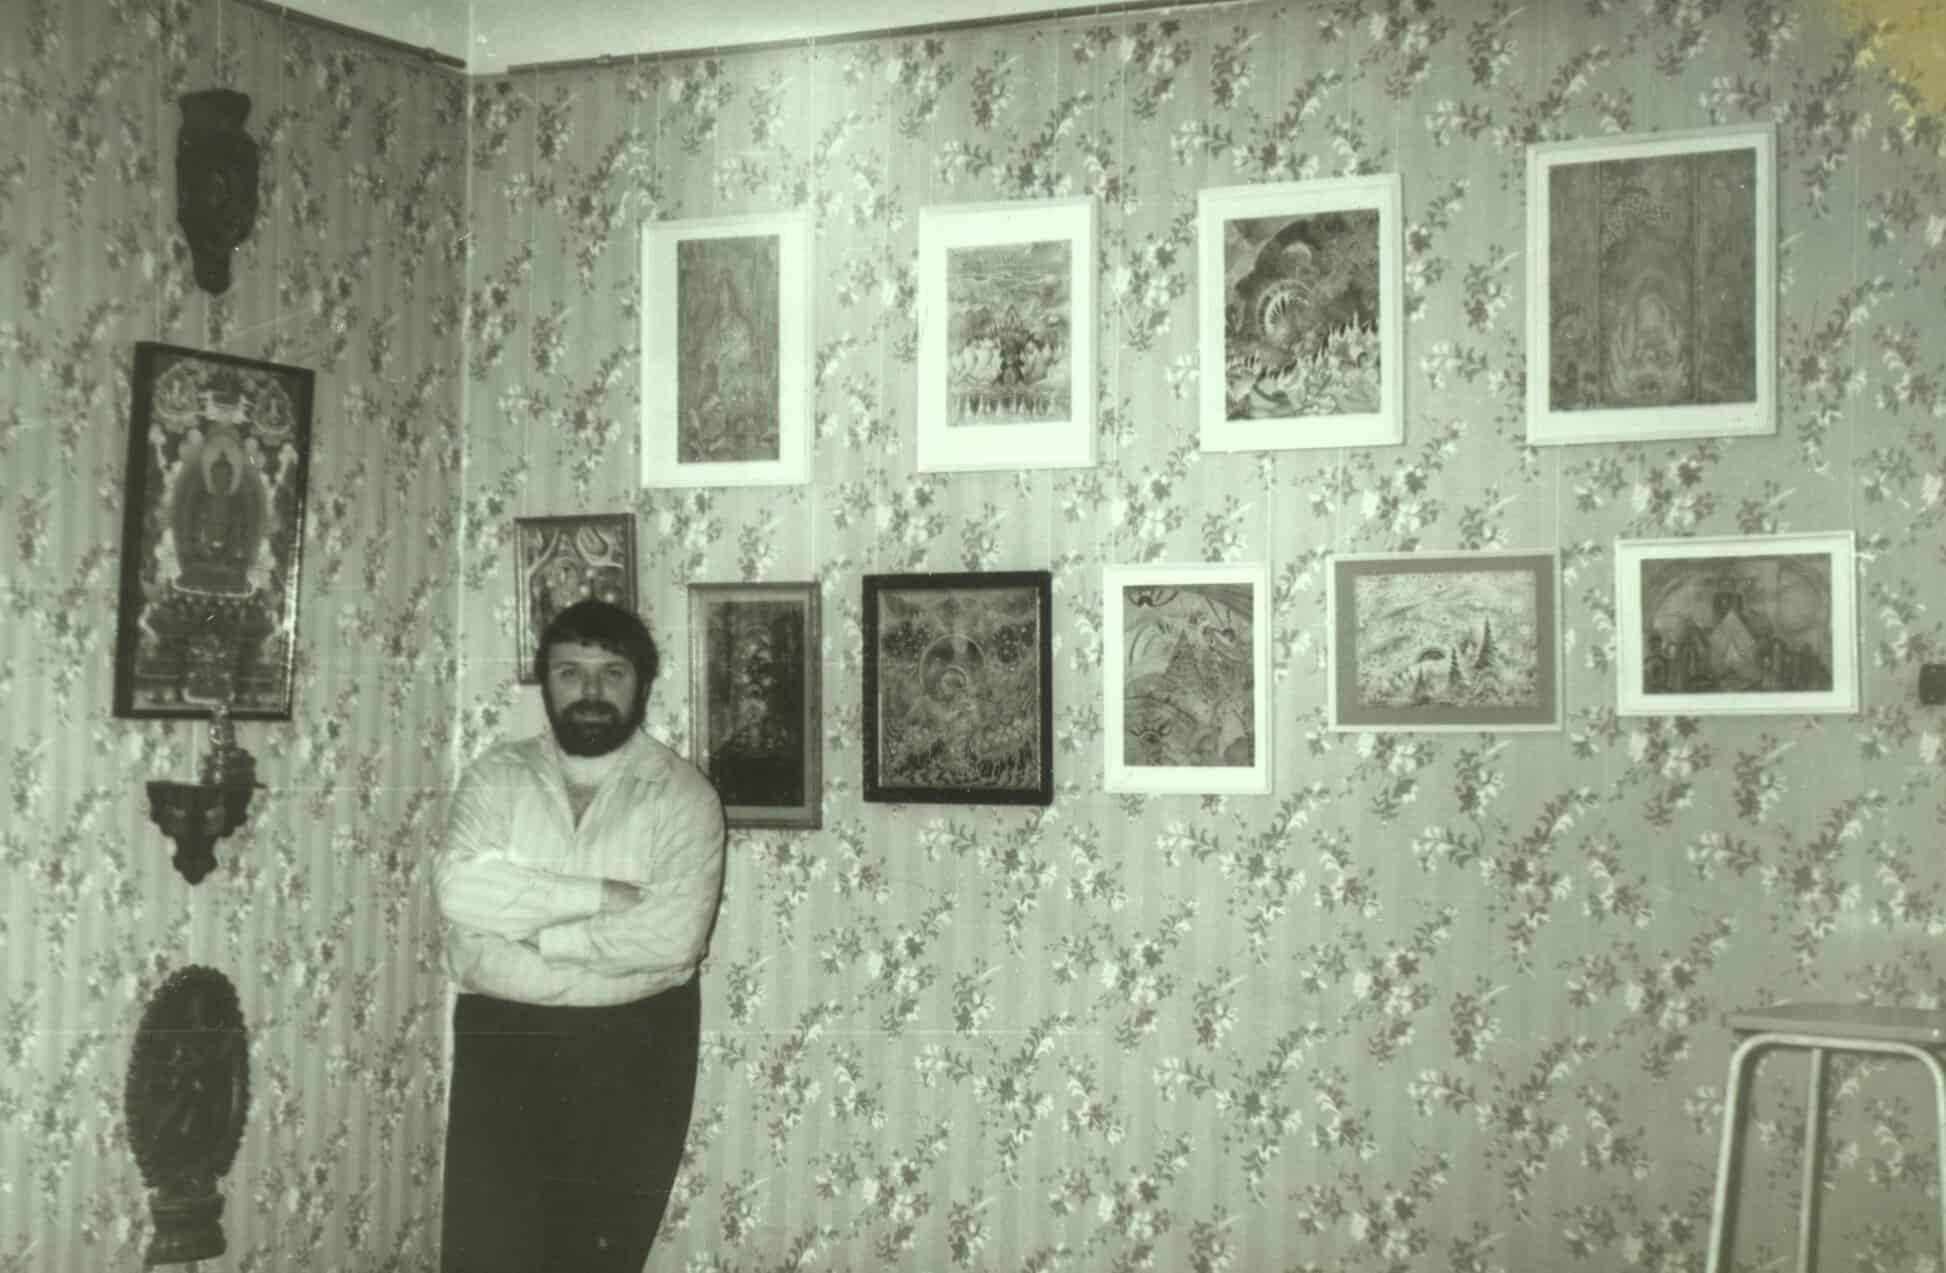 Квартира Ю. Линника. Начало коллекции. 1980-е годы